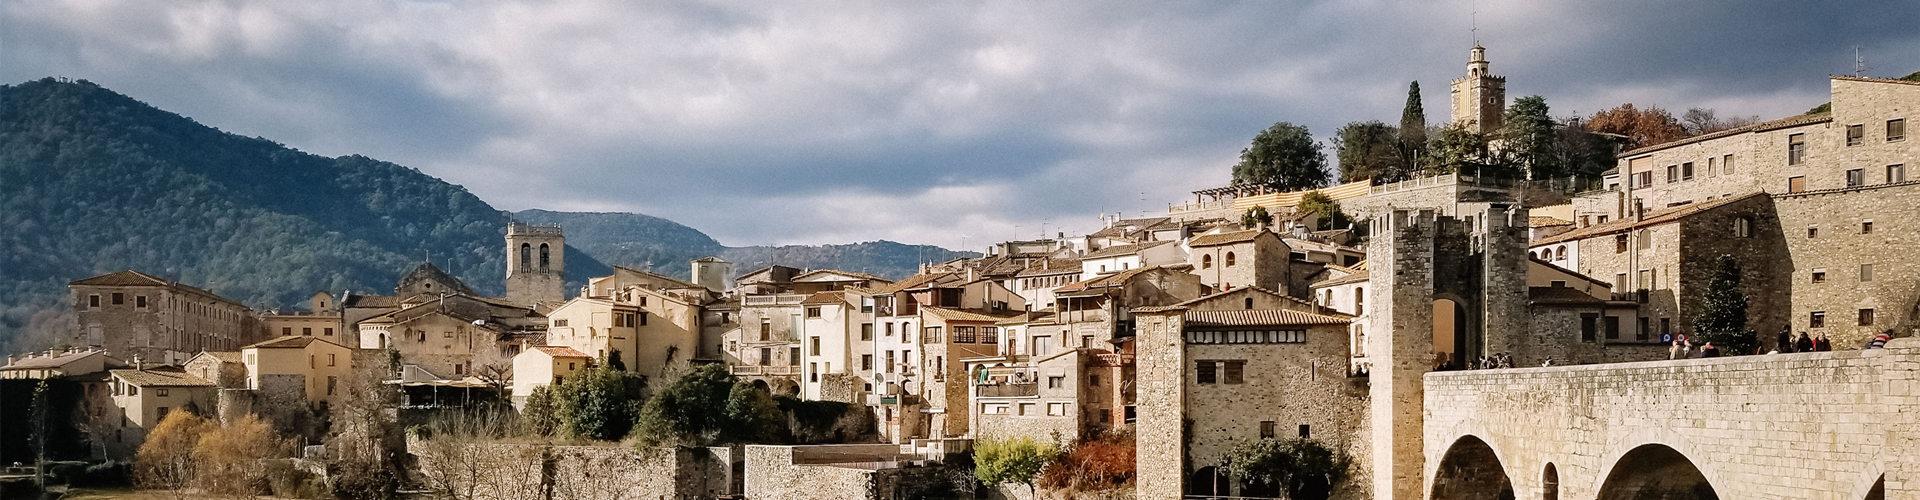 西班牙城市风光二